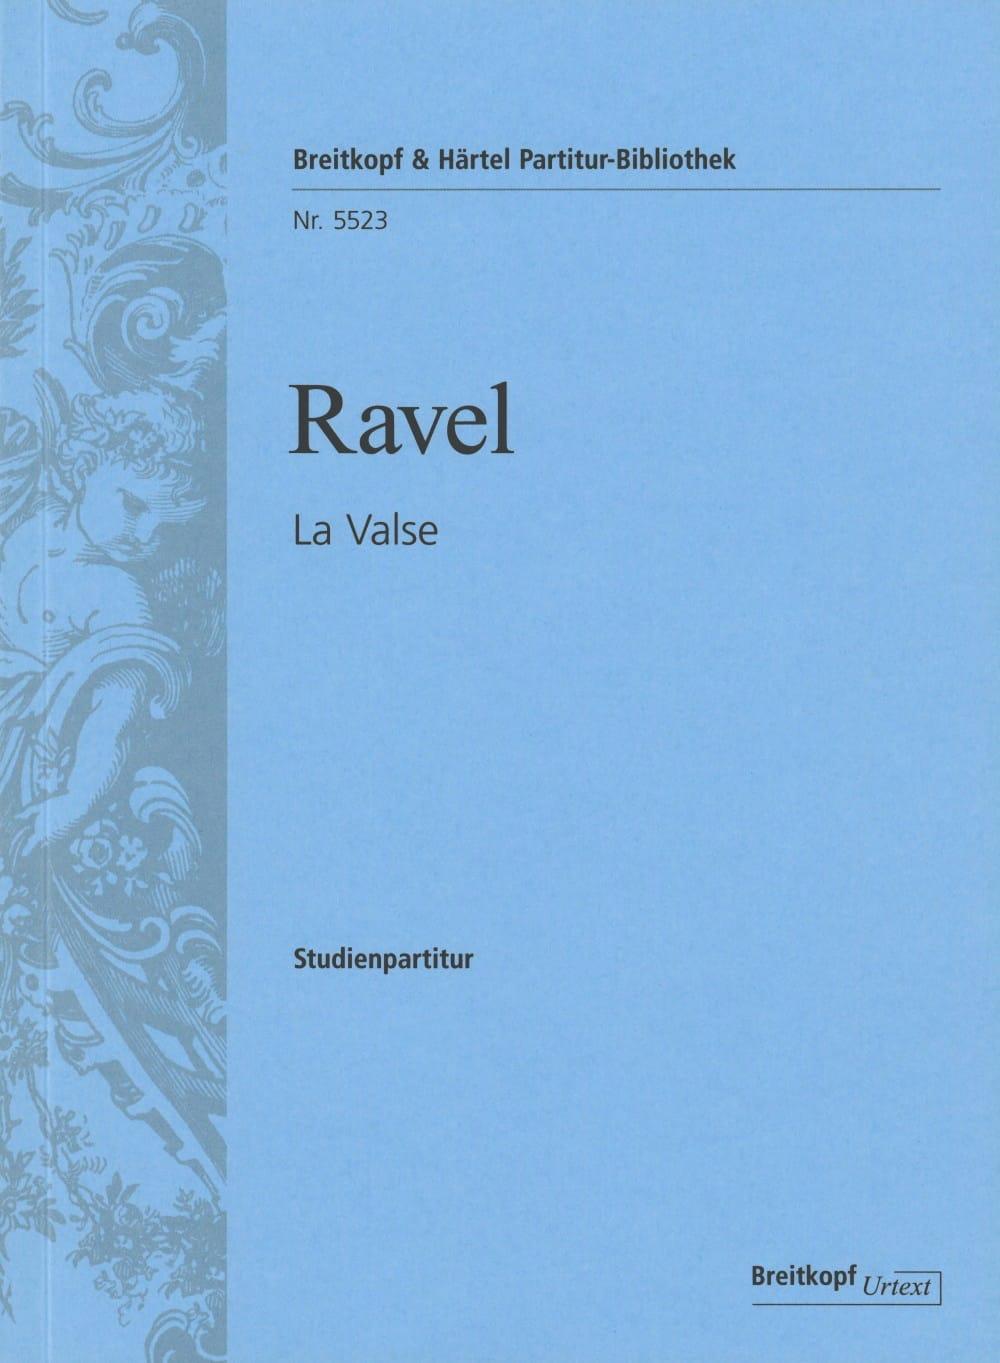 La Valse - RAVEL - Partition - Petit format - laflutedepan.com